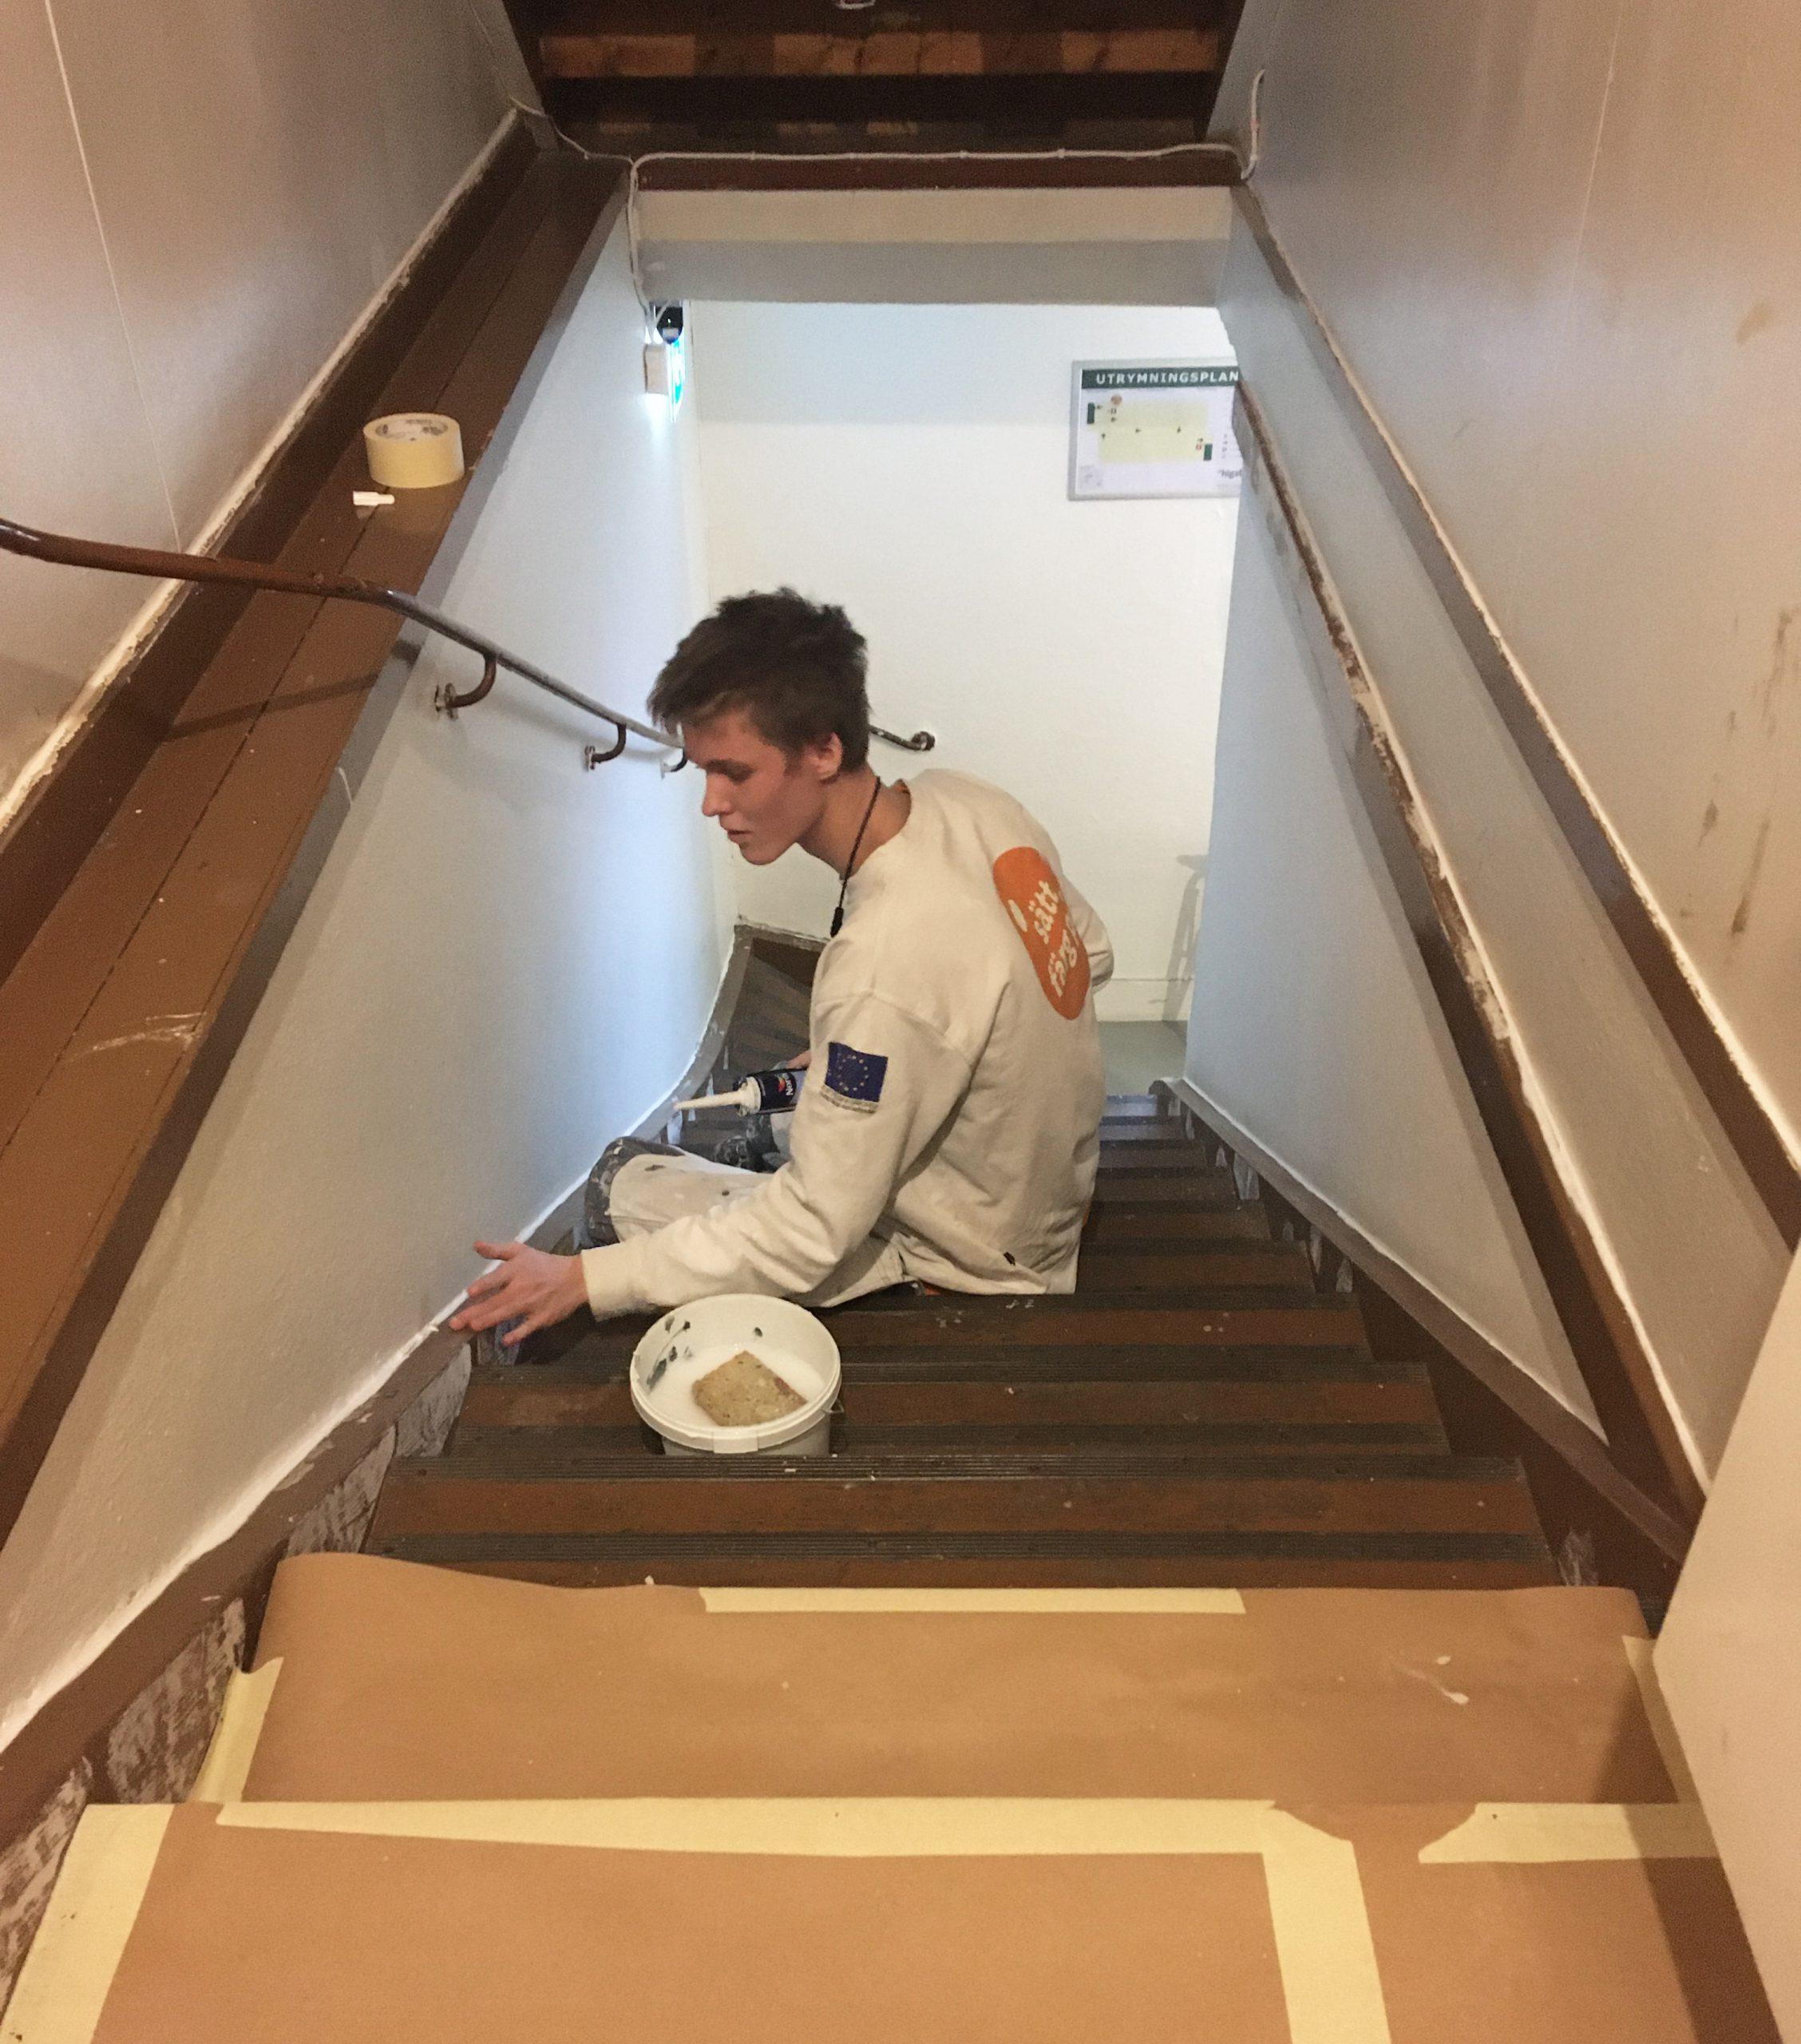 Deltagare från Sätt färg på Göteborg målar en trappa